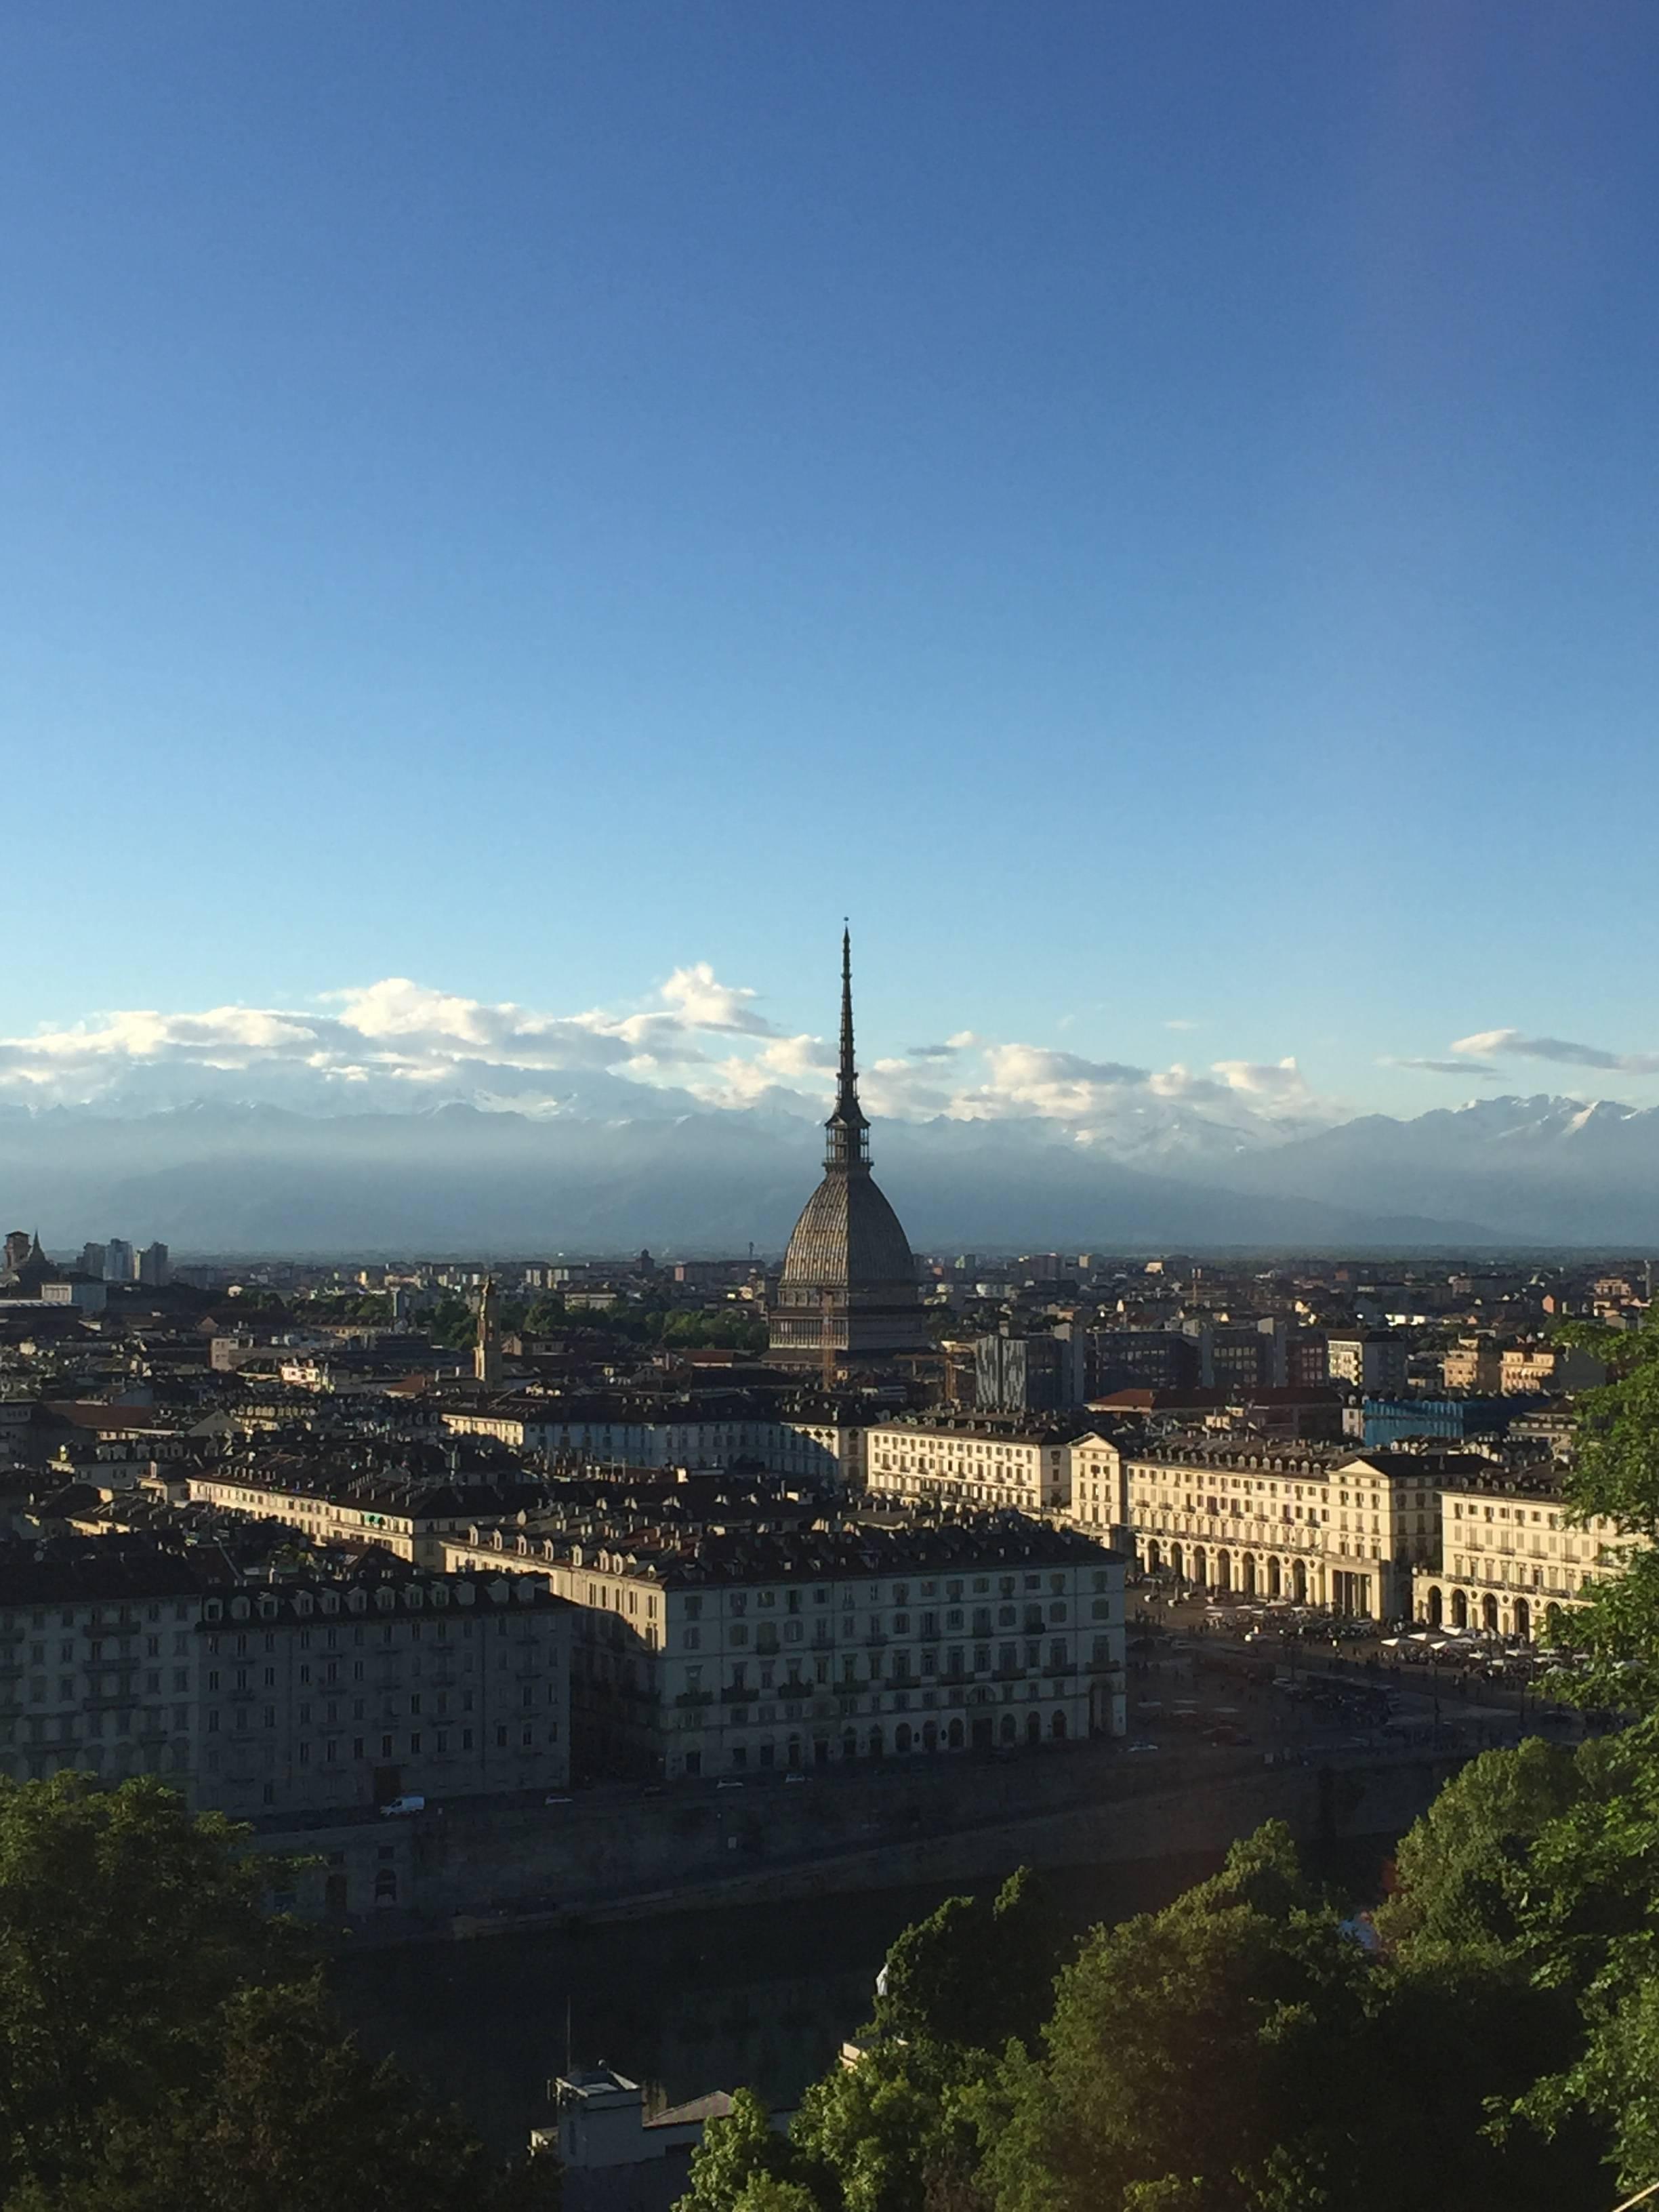 Photo 3: Turin l'oubliée ! Replendissante au travers de ses palaces, montagnes et arcades